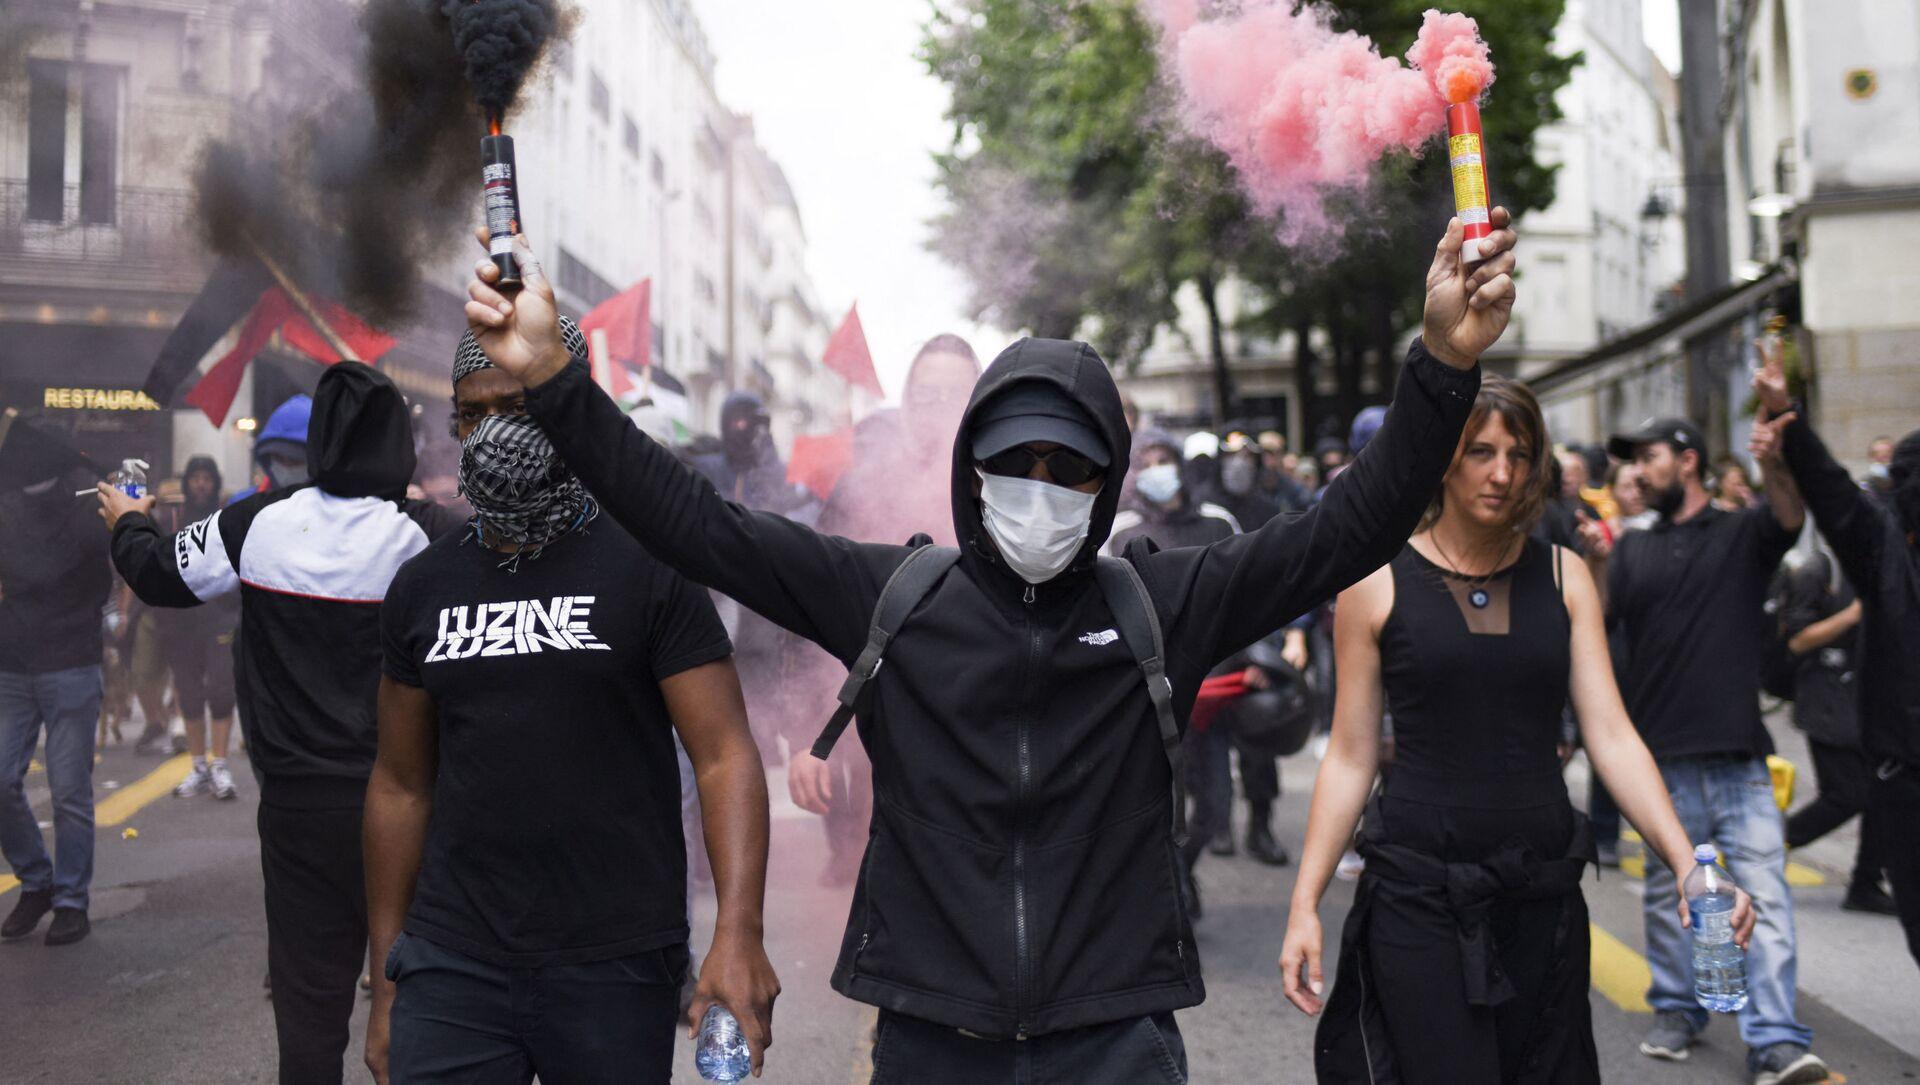 Phong trào biểu tình chống lại thẻ vệ sinh ở Pháp - Sputnik Việt Nam, 1920, 08.08.2021